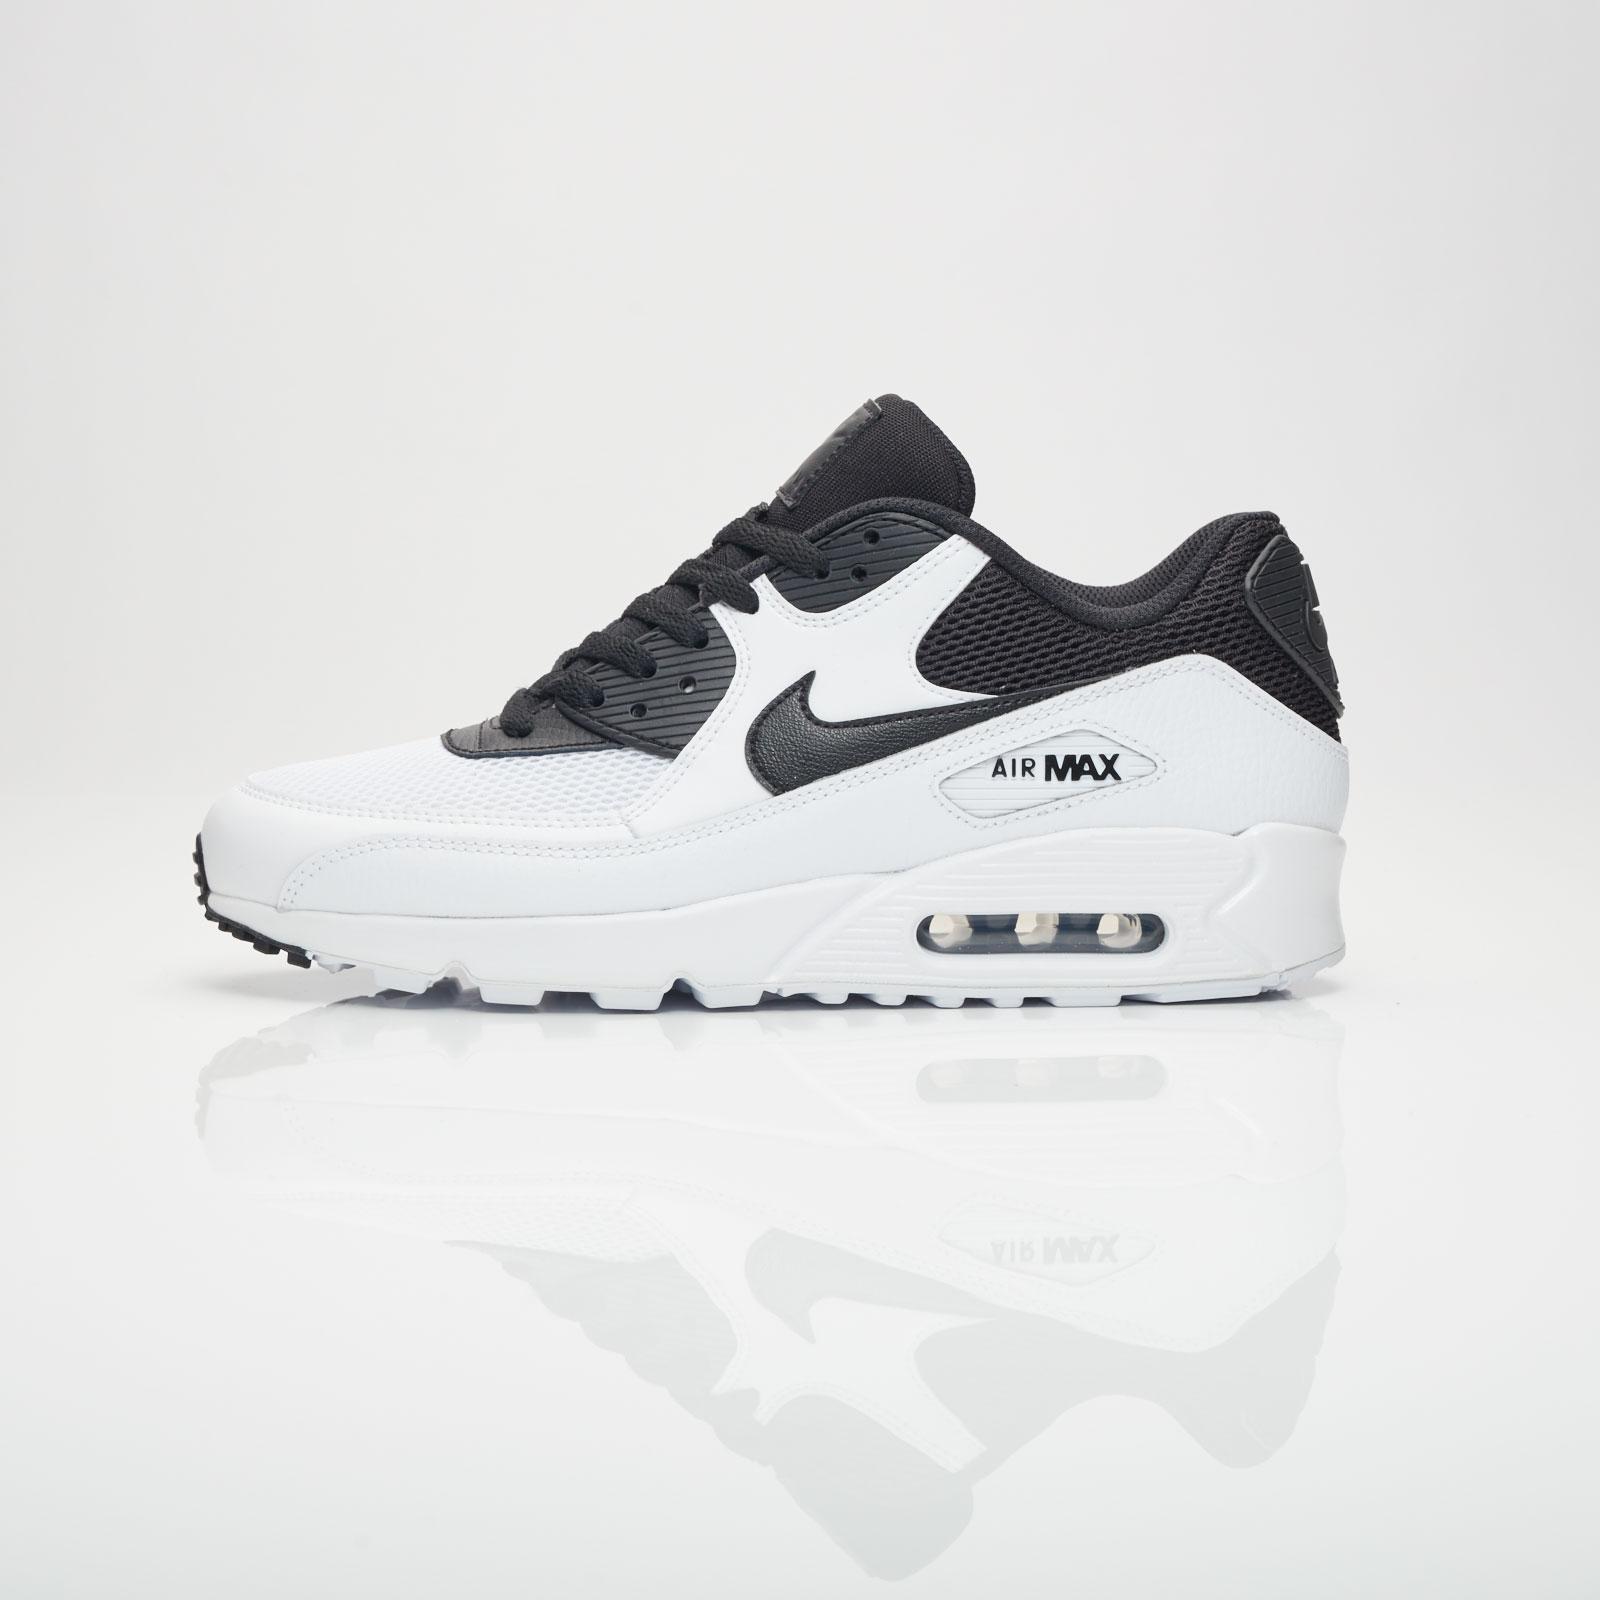 mieux aimé 2df74 2289a Nike Air Max 90 Essential - 537384-131 - Sneakersnstuff ...